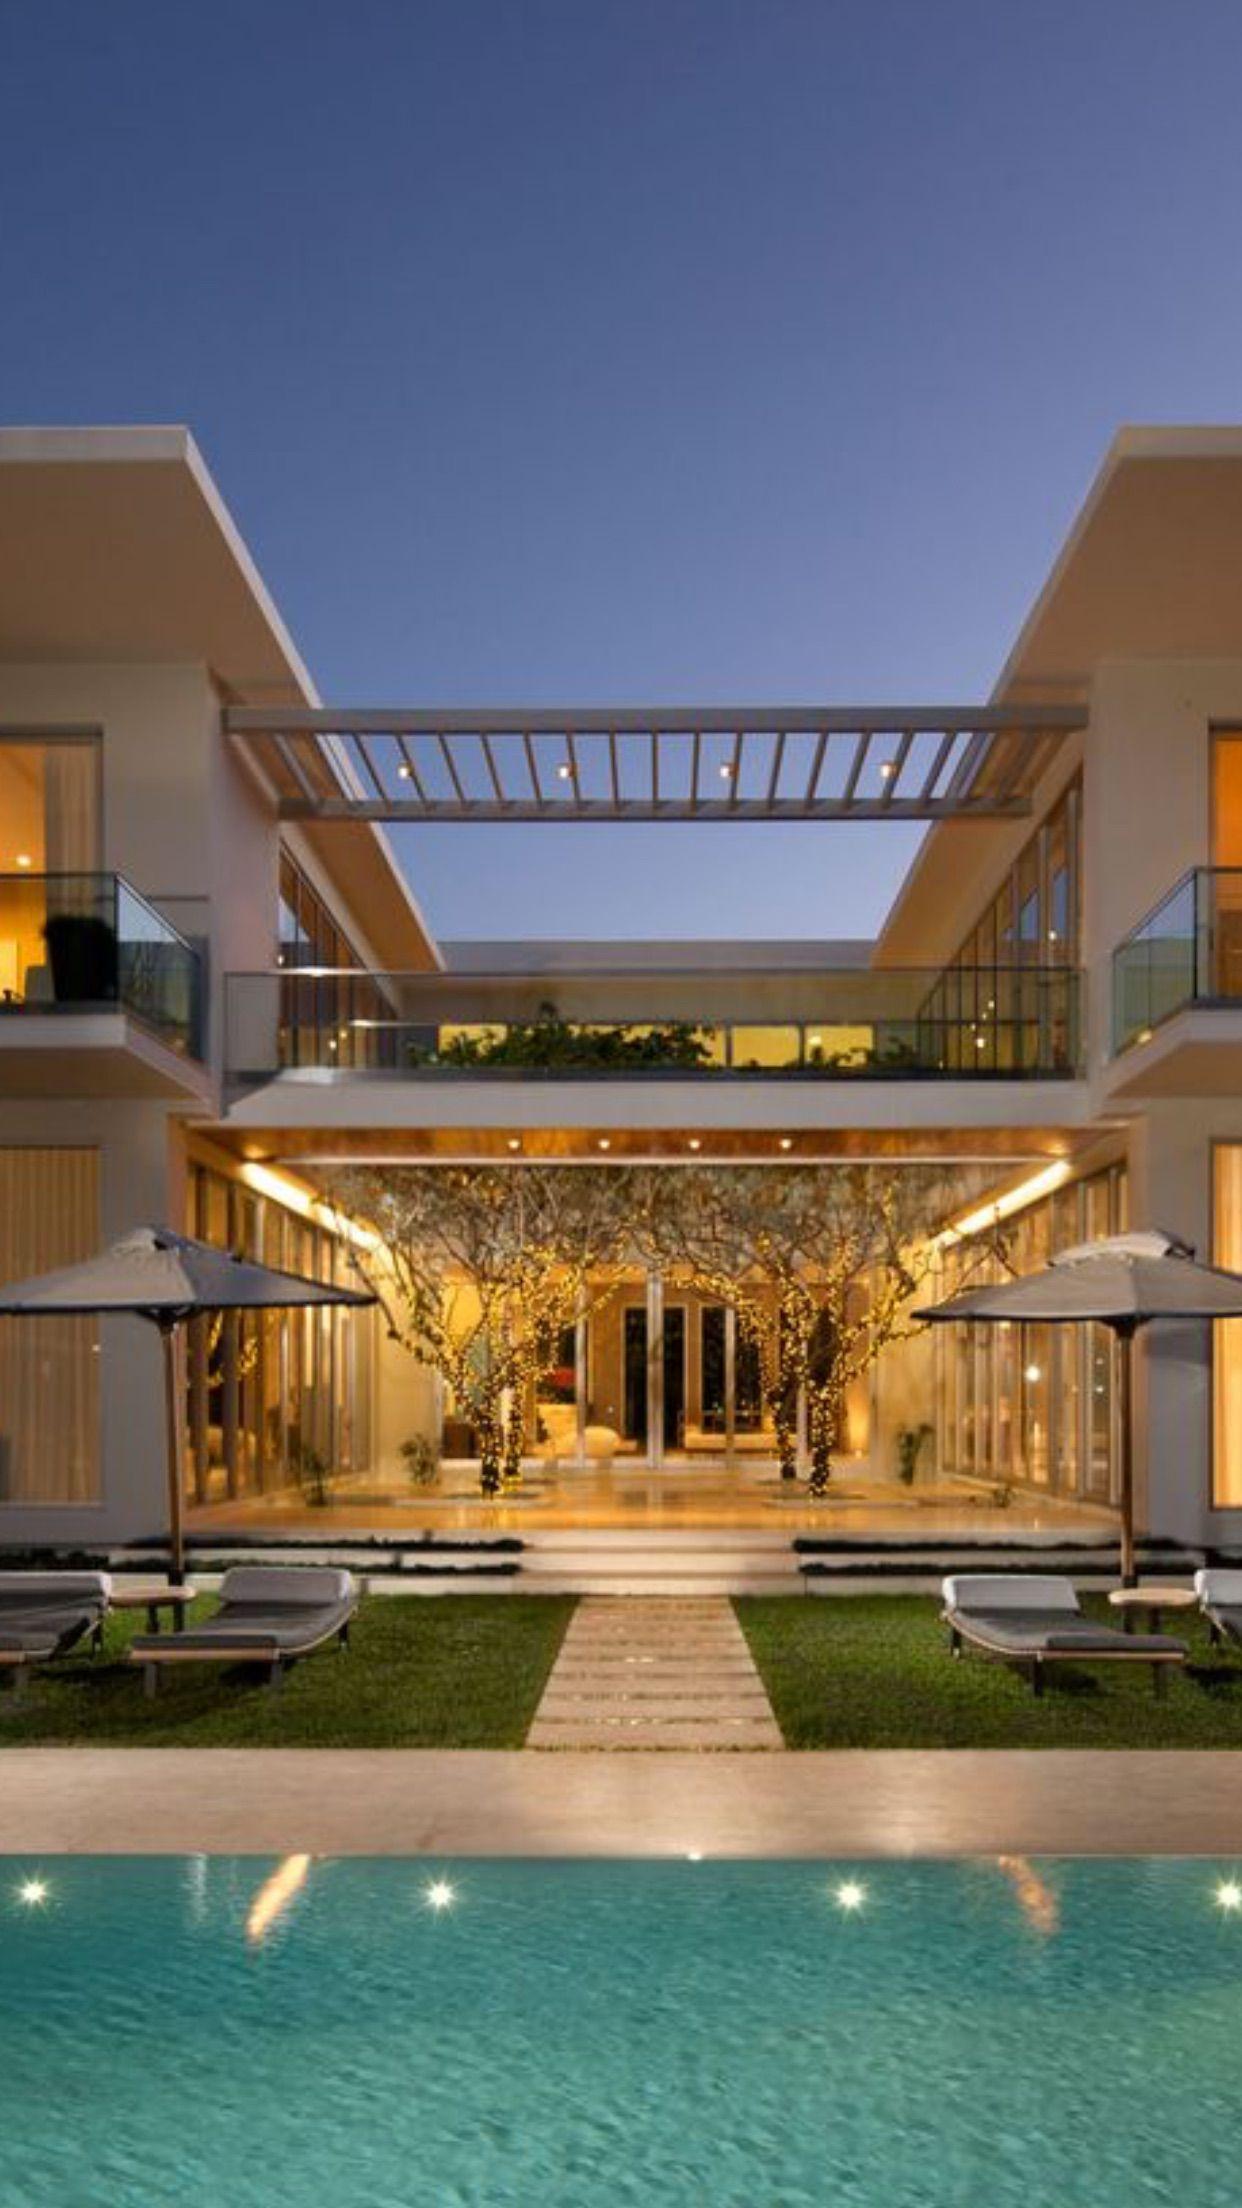 Casa enorme  Ideas de casas hermosas de 2019  Casas